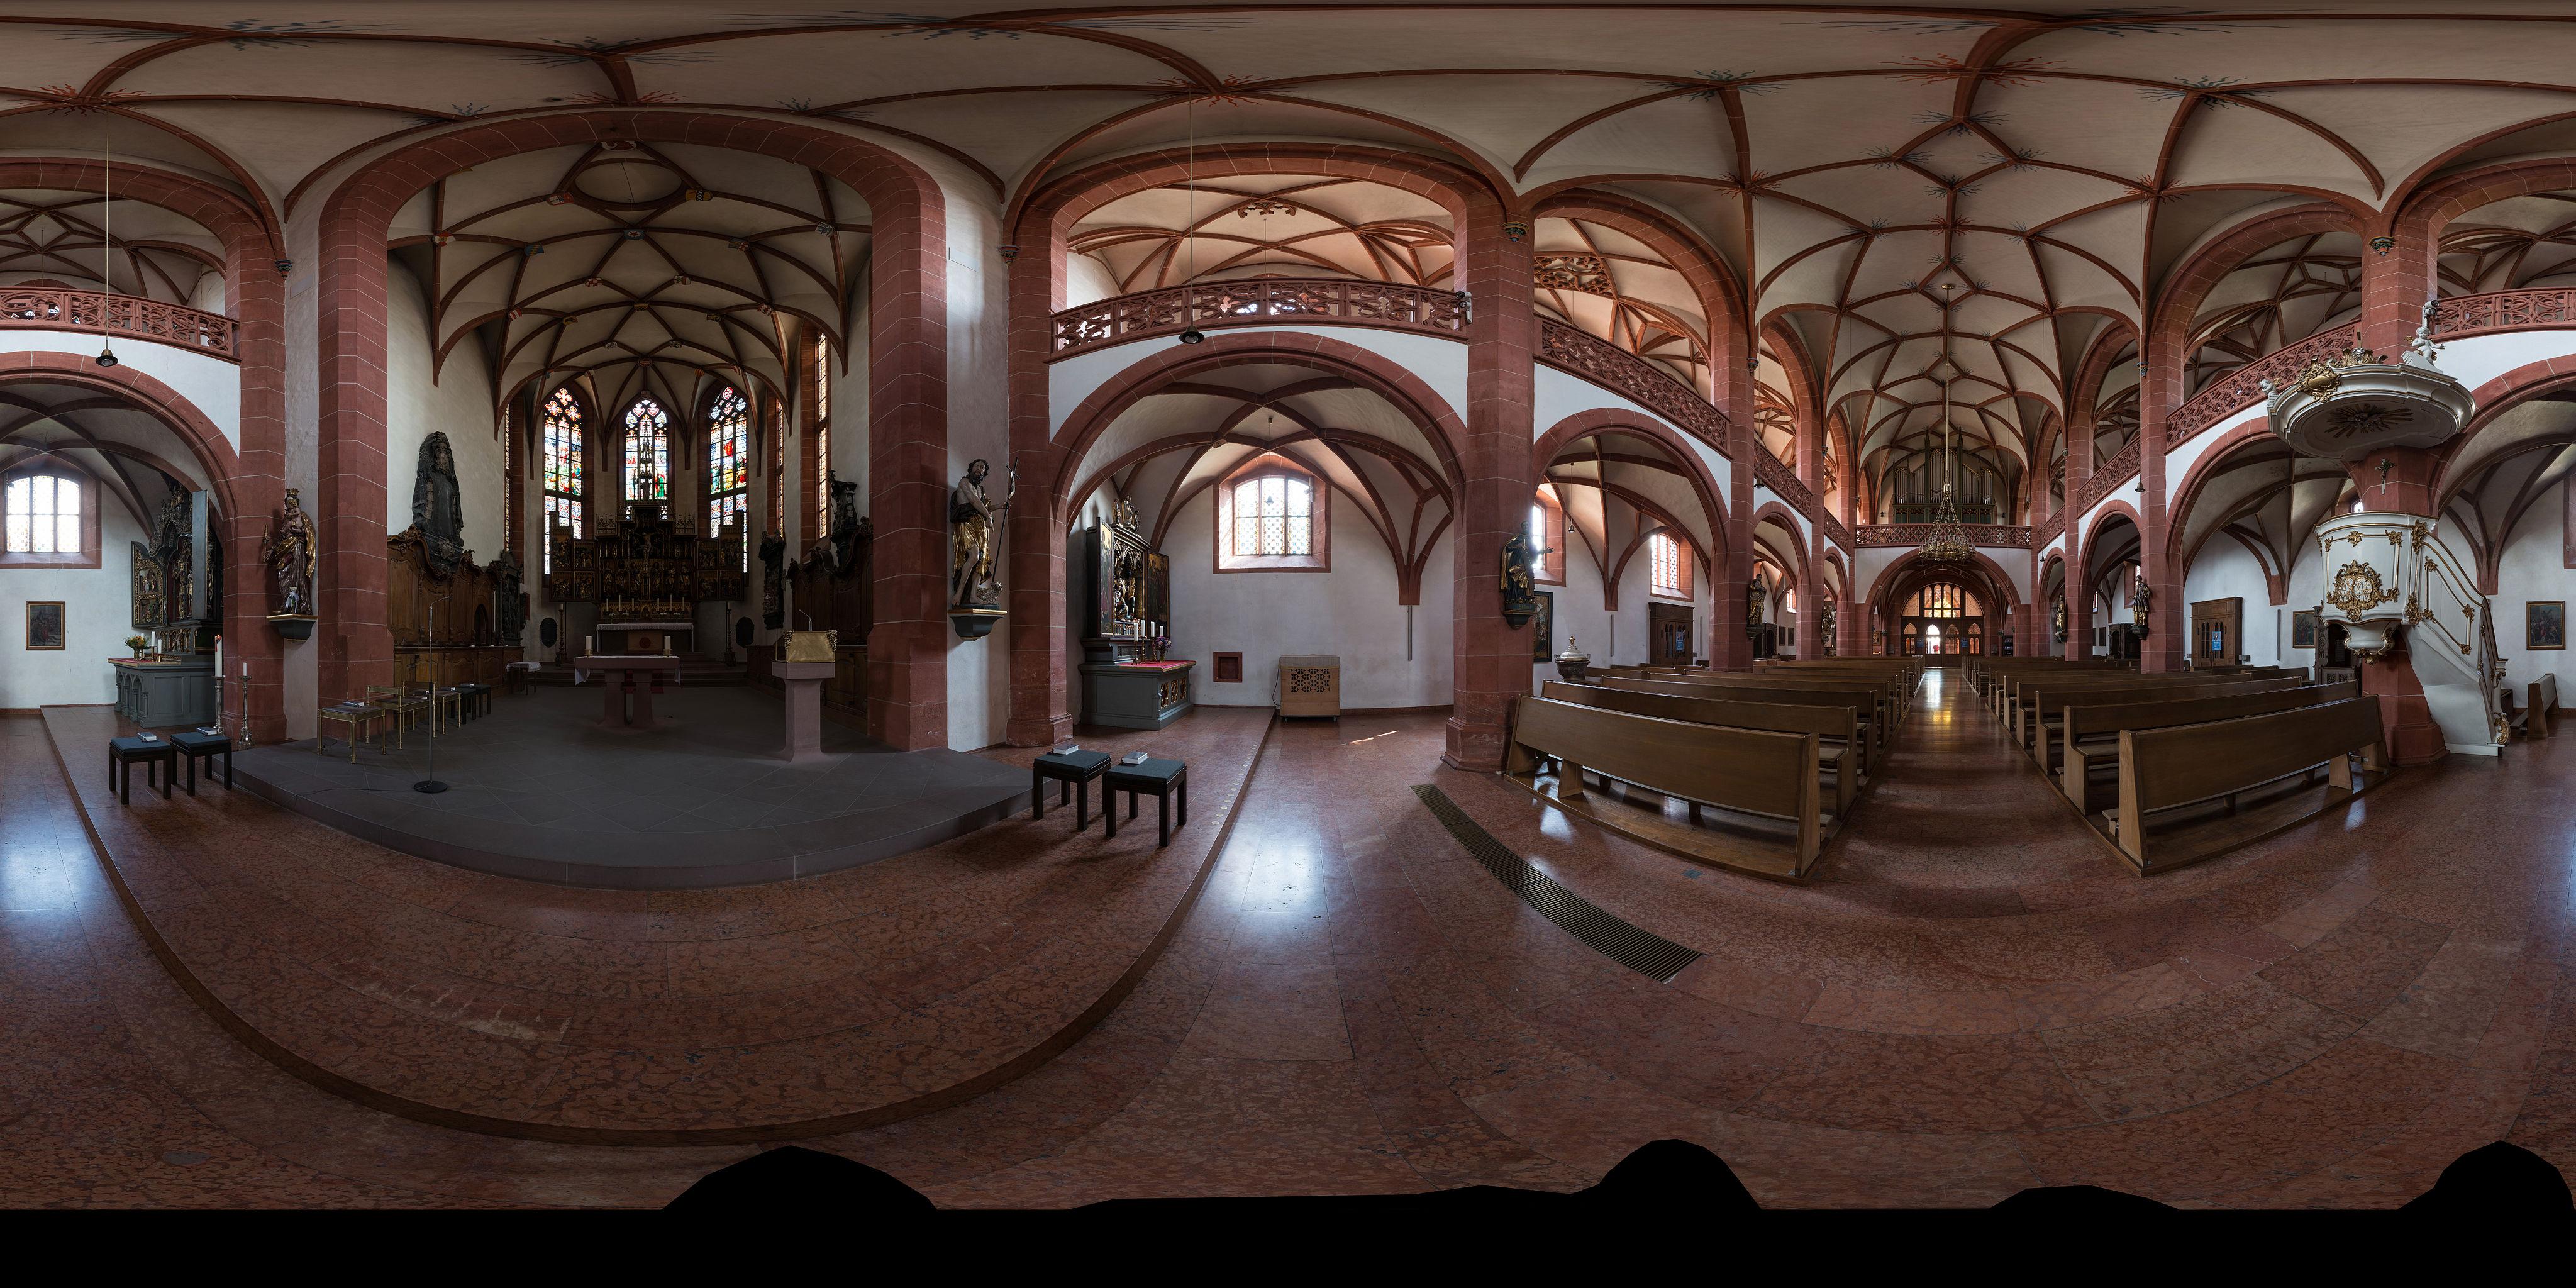 input_images/RheingauerDomGeisenheim.jpg